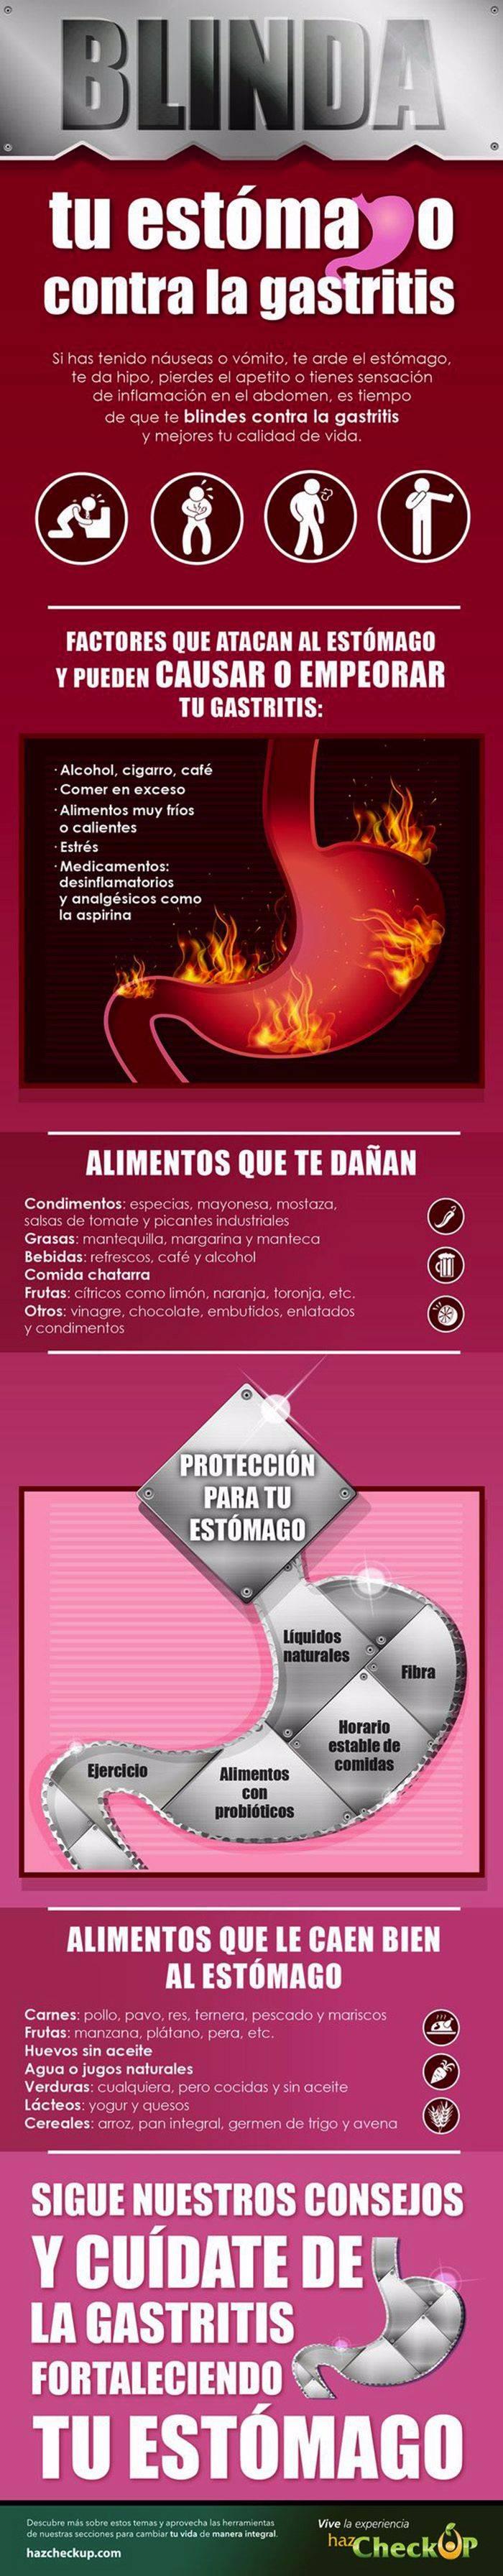 infografía de la gastritis con síntomas y remedios